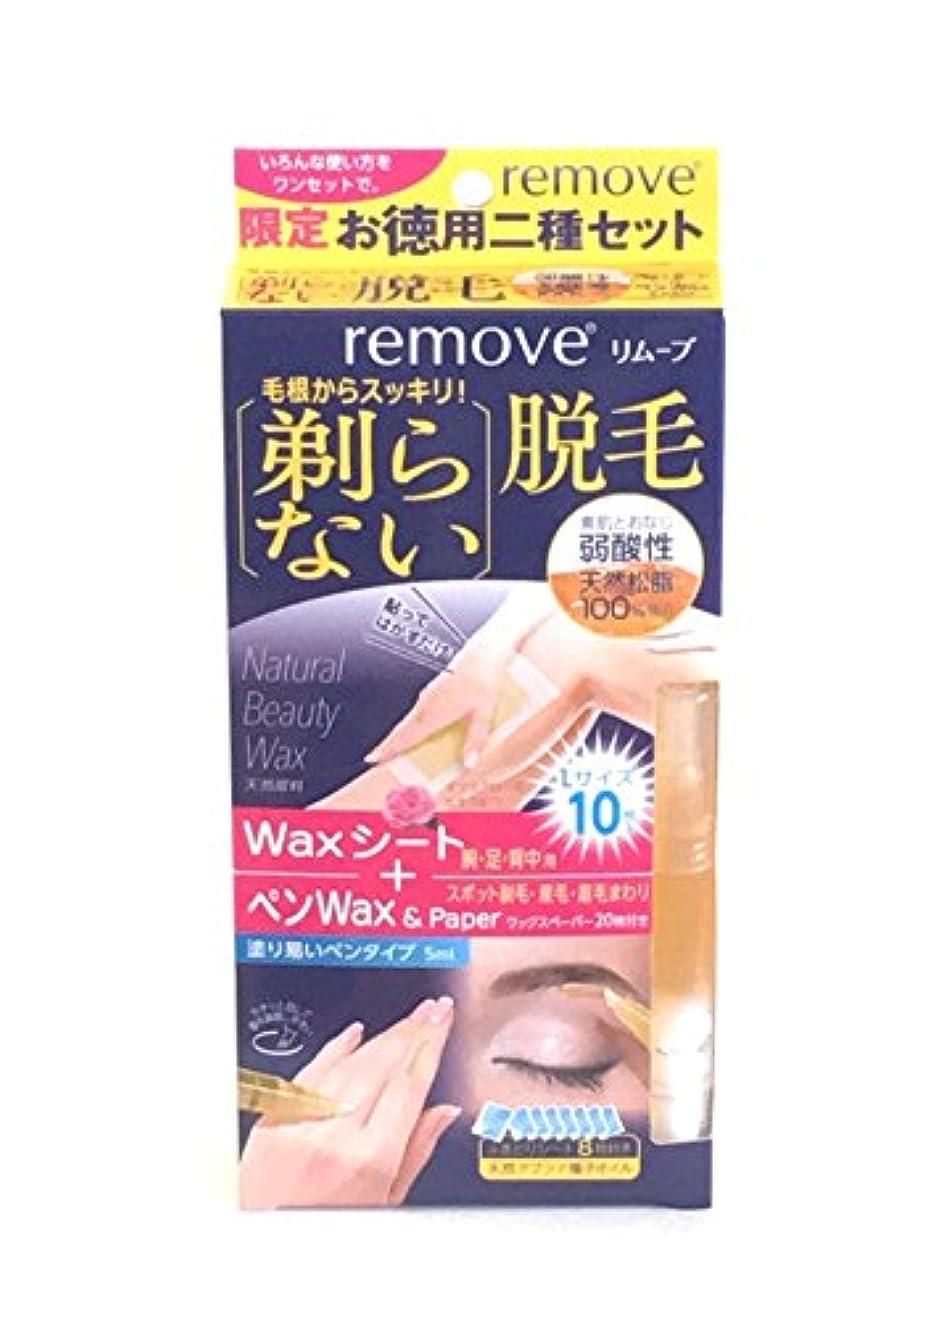 前提条件起こりやすいマウスピースリムーブ 剃らない脱毛 二種ワックスセット (ペンワックス 5ml、ワックスシート 10枚)